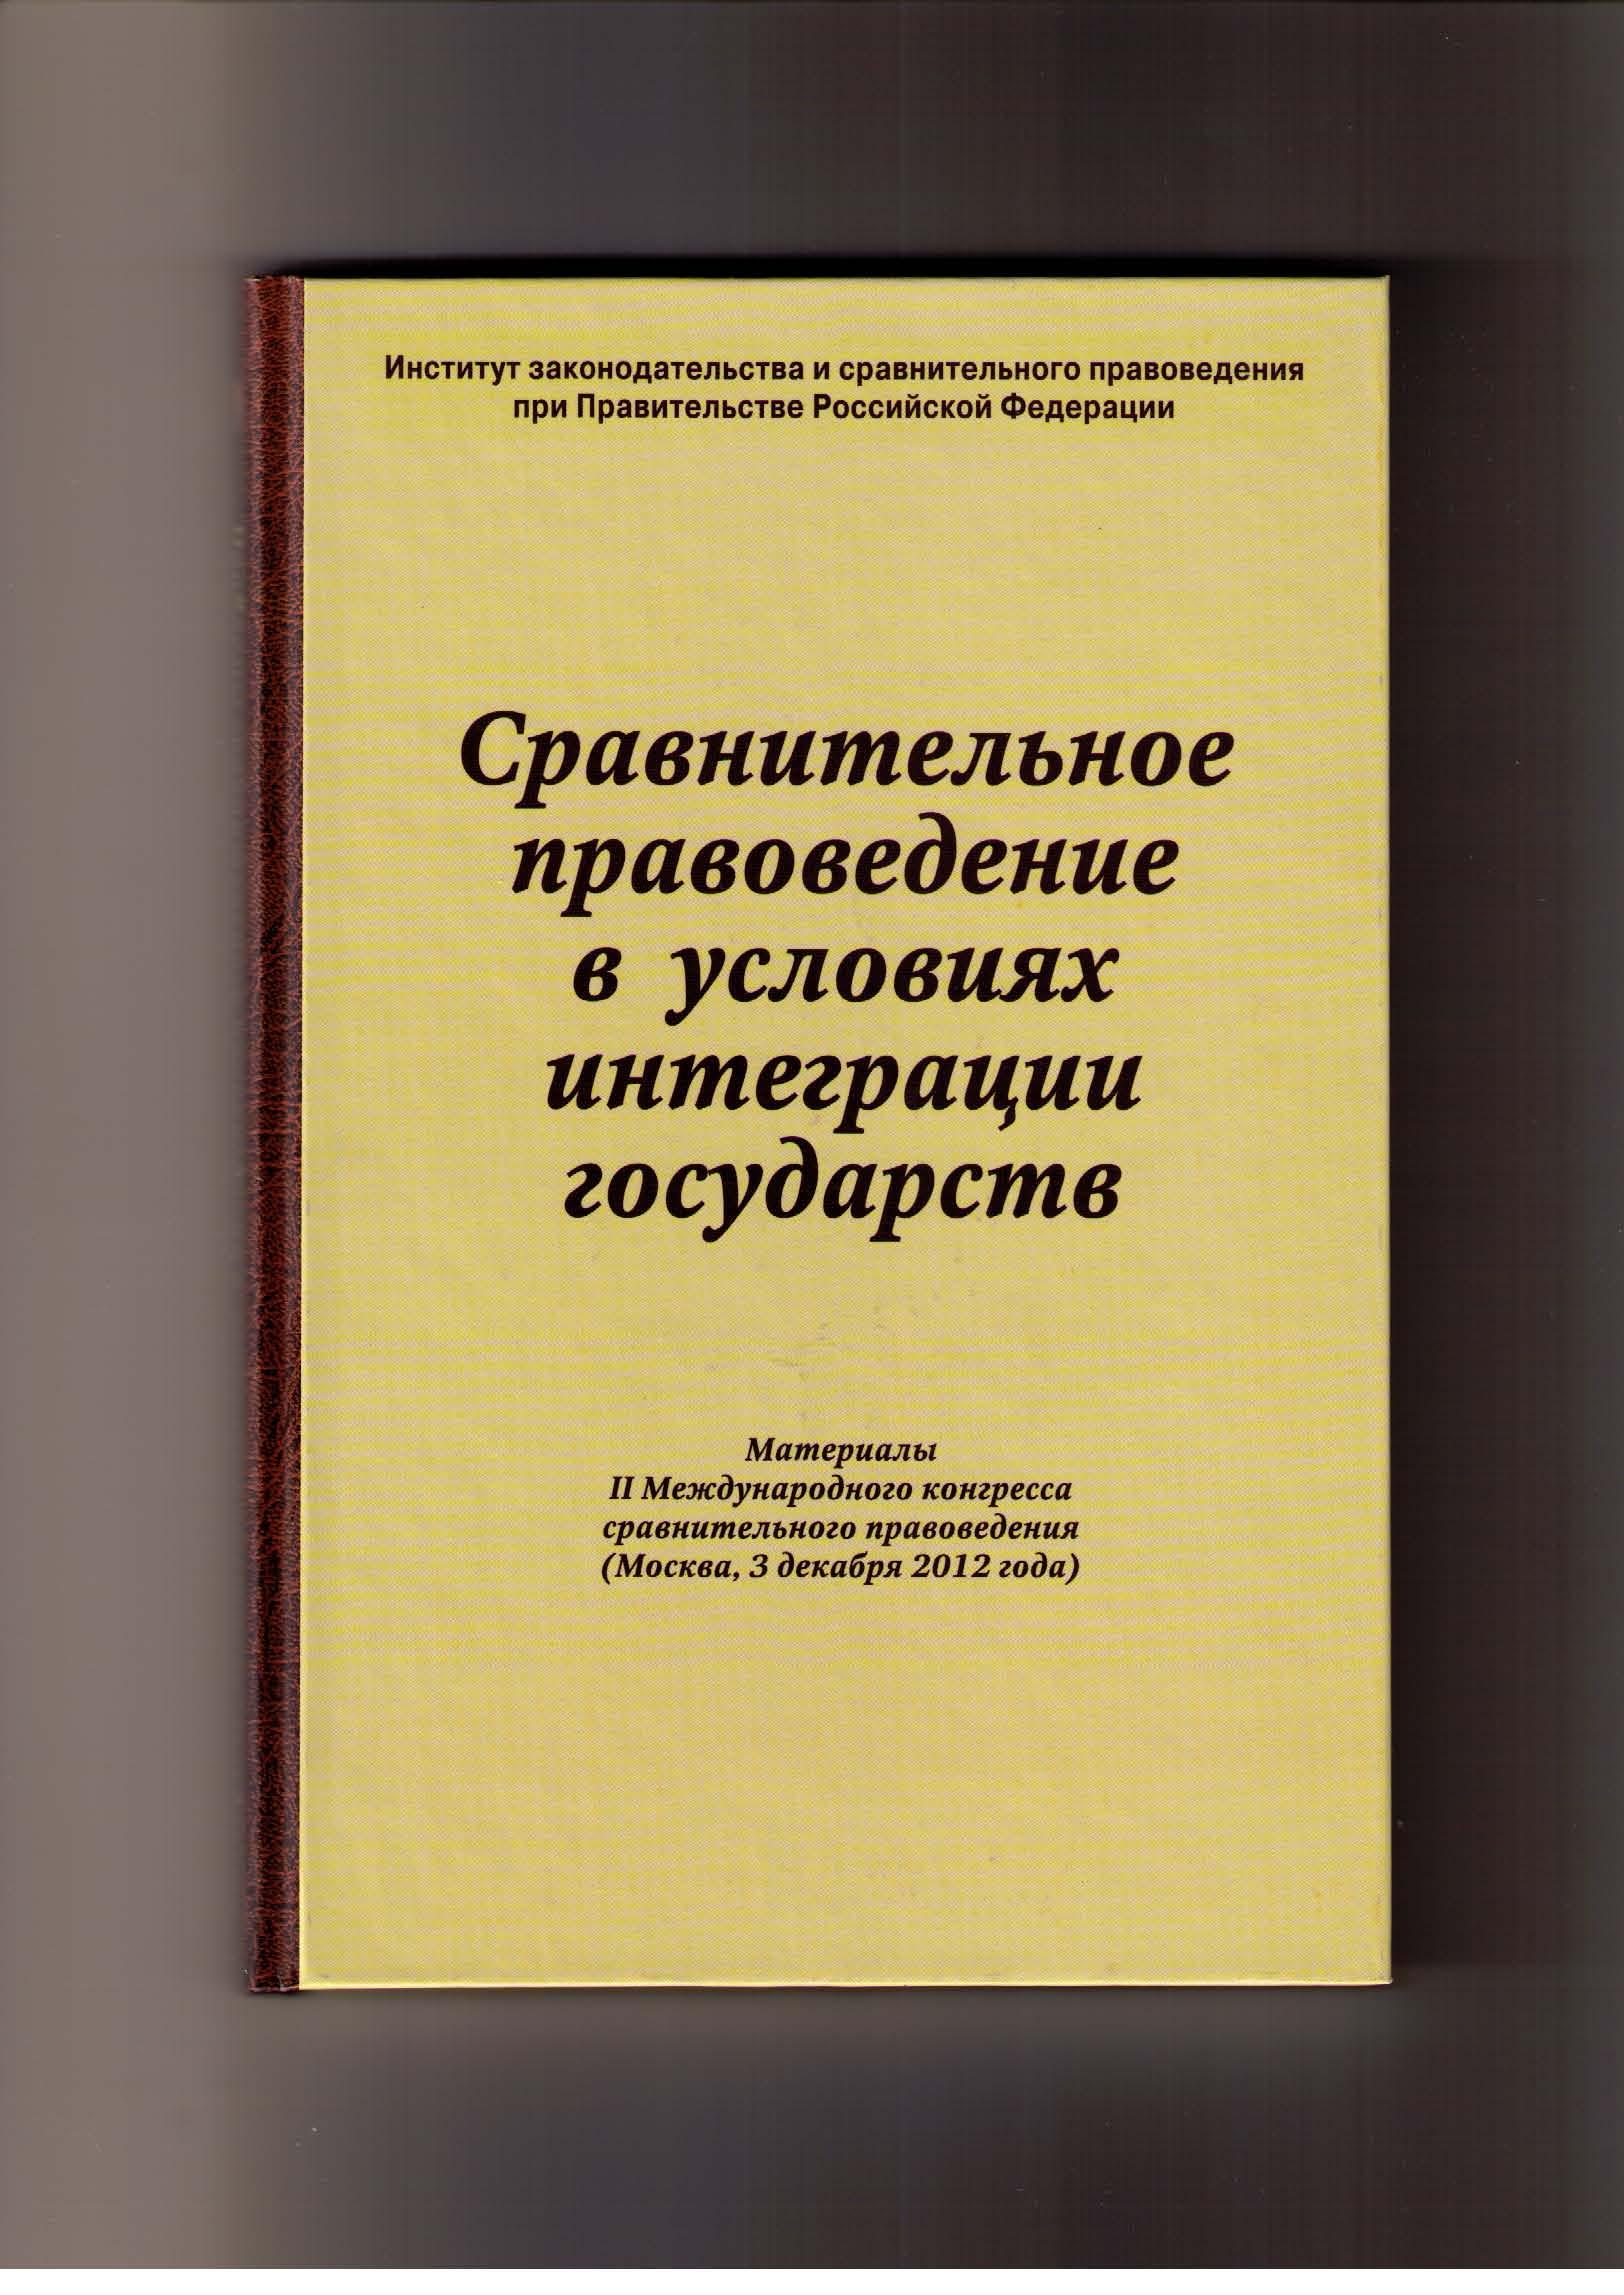 Сравнительное правоведение (основные правовые системы современности): учебник , автор саидов ах , издатель юристъ